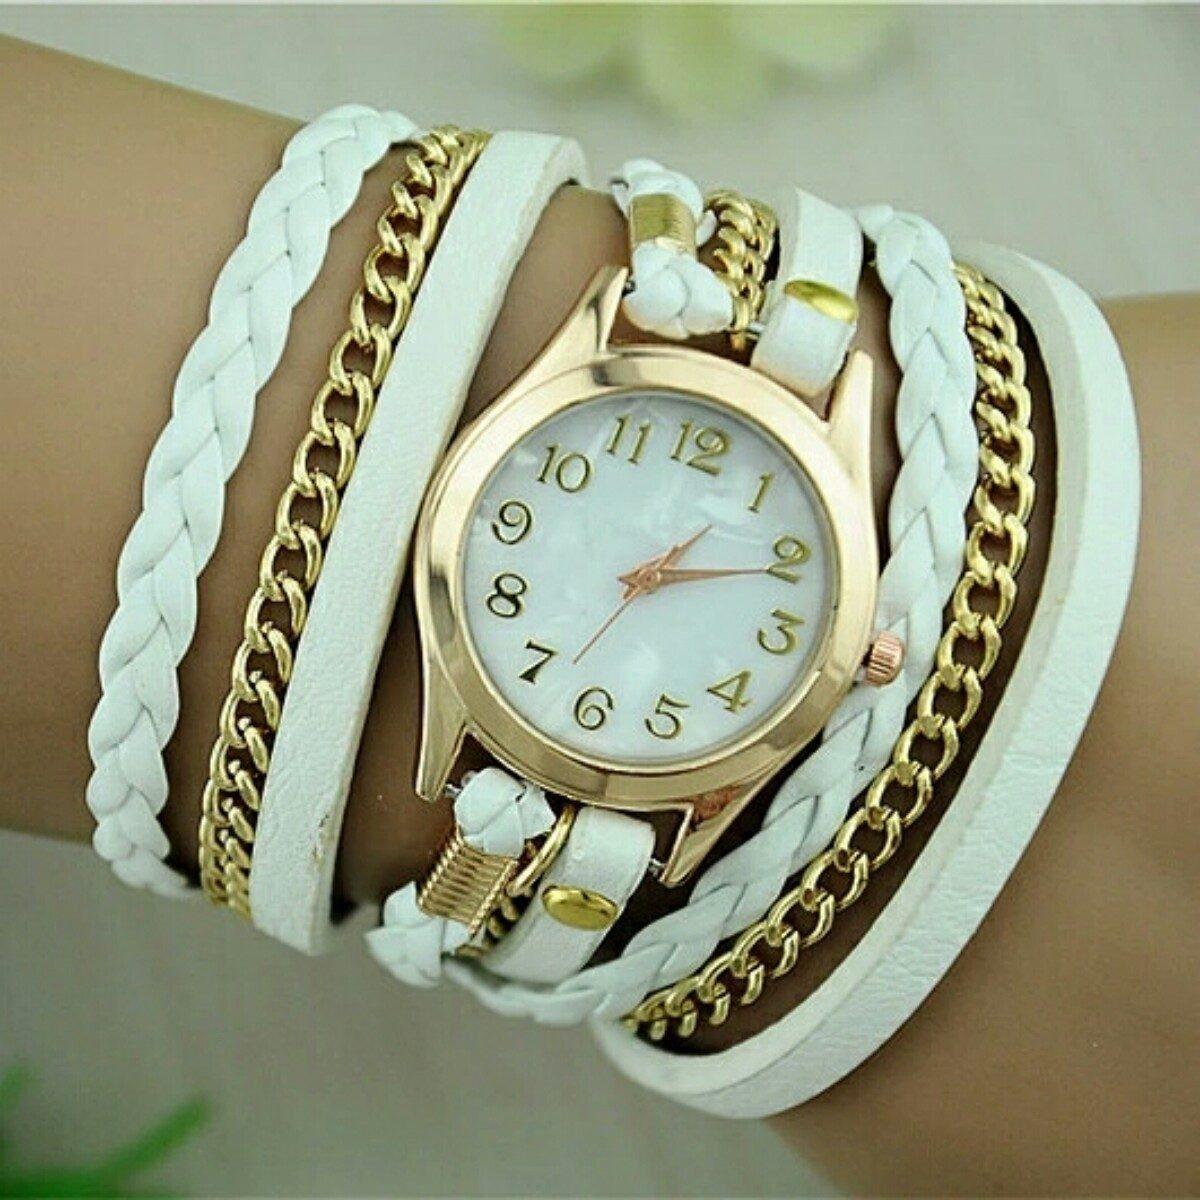 3e964a99cdb relógio feminino strass bracelete pronta entrega lançamento. Carregando zoom .